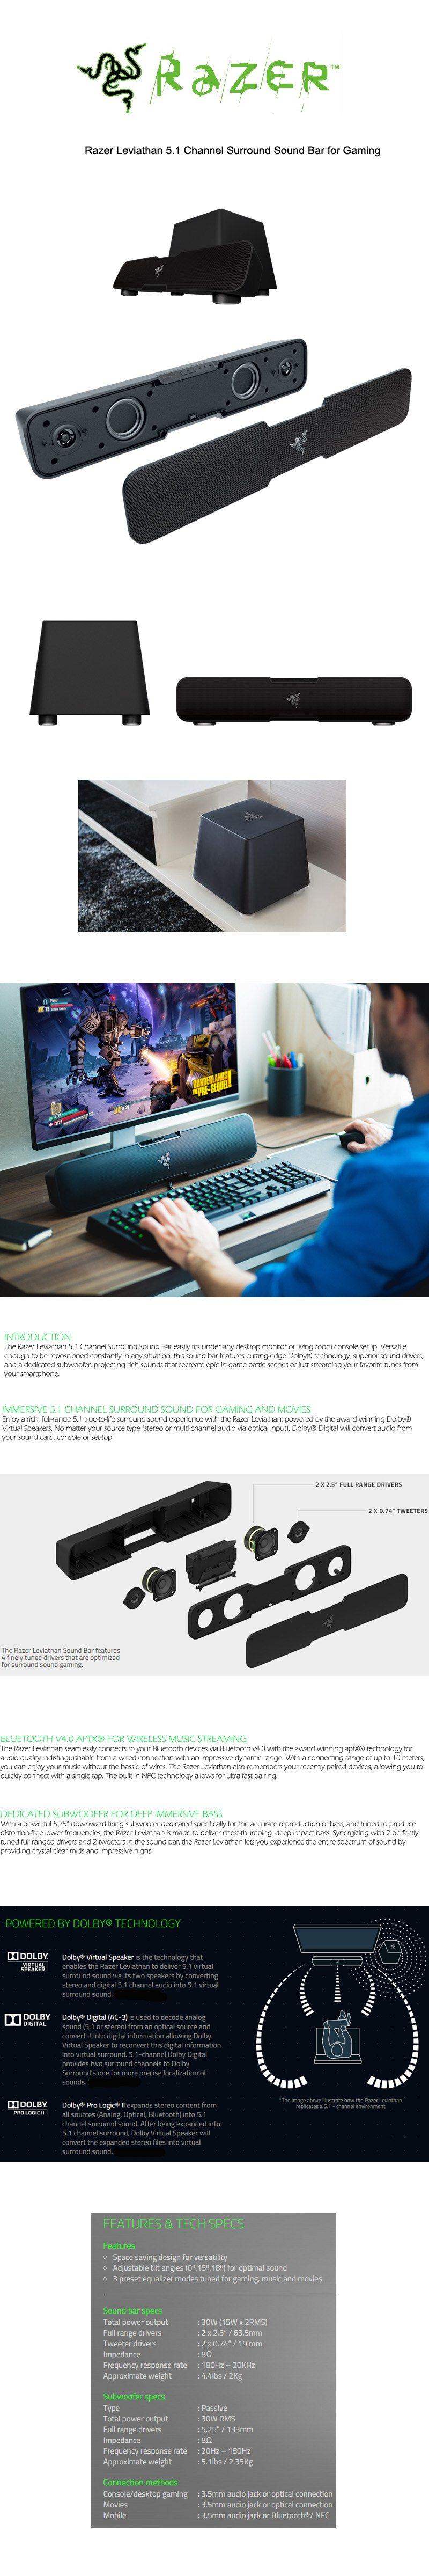 Buy Razer Leviathan 51 Channel Surround Gaming Sound Bar Speaker Wireless Highlights